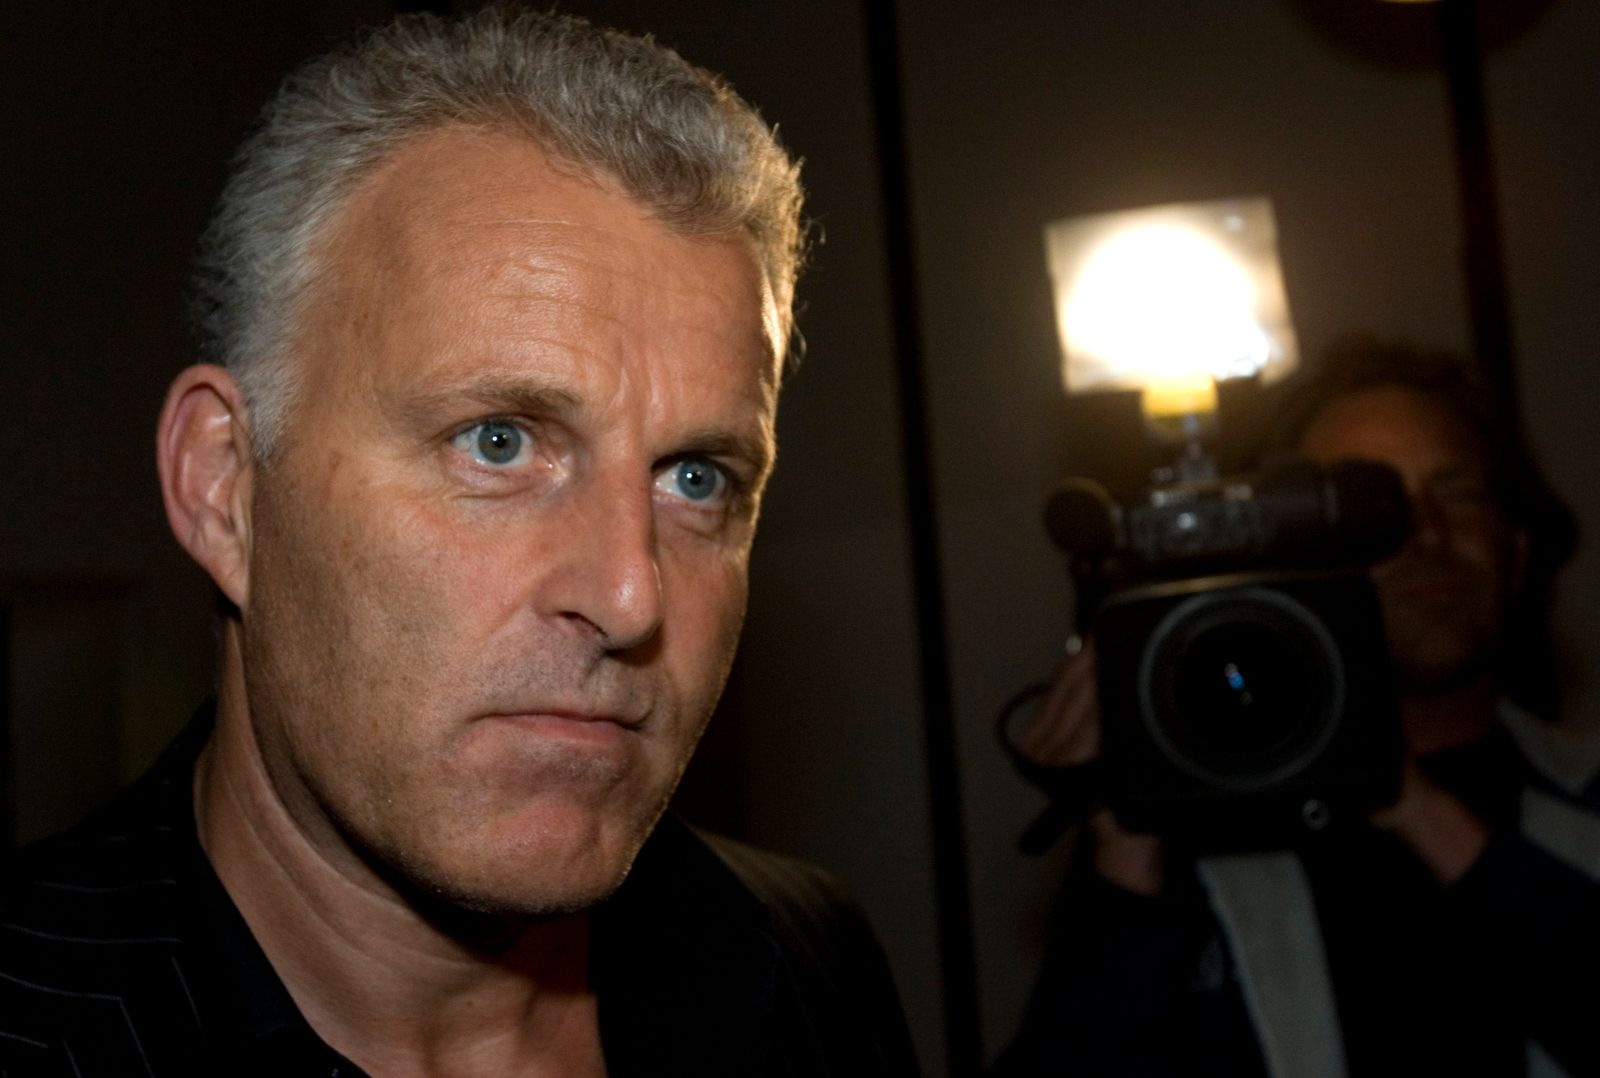 Prominenter Crime-Reporter in Amsterdam niedergeschossen